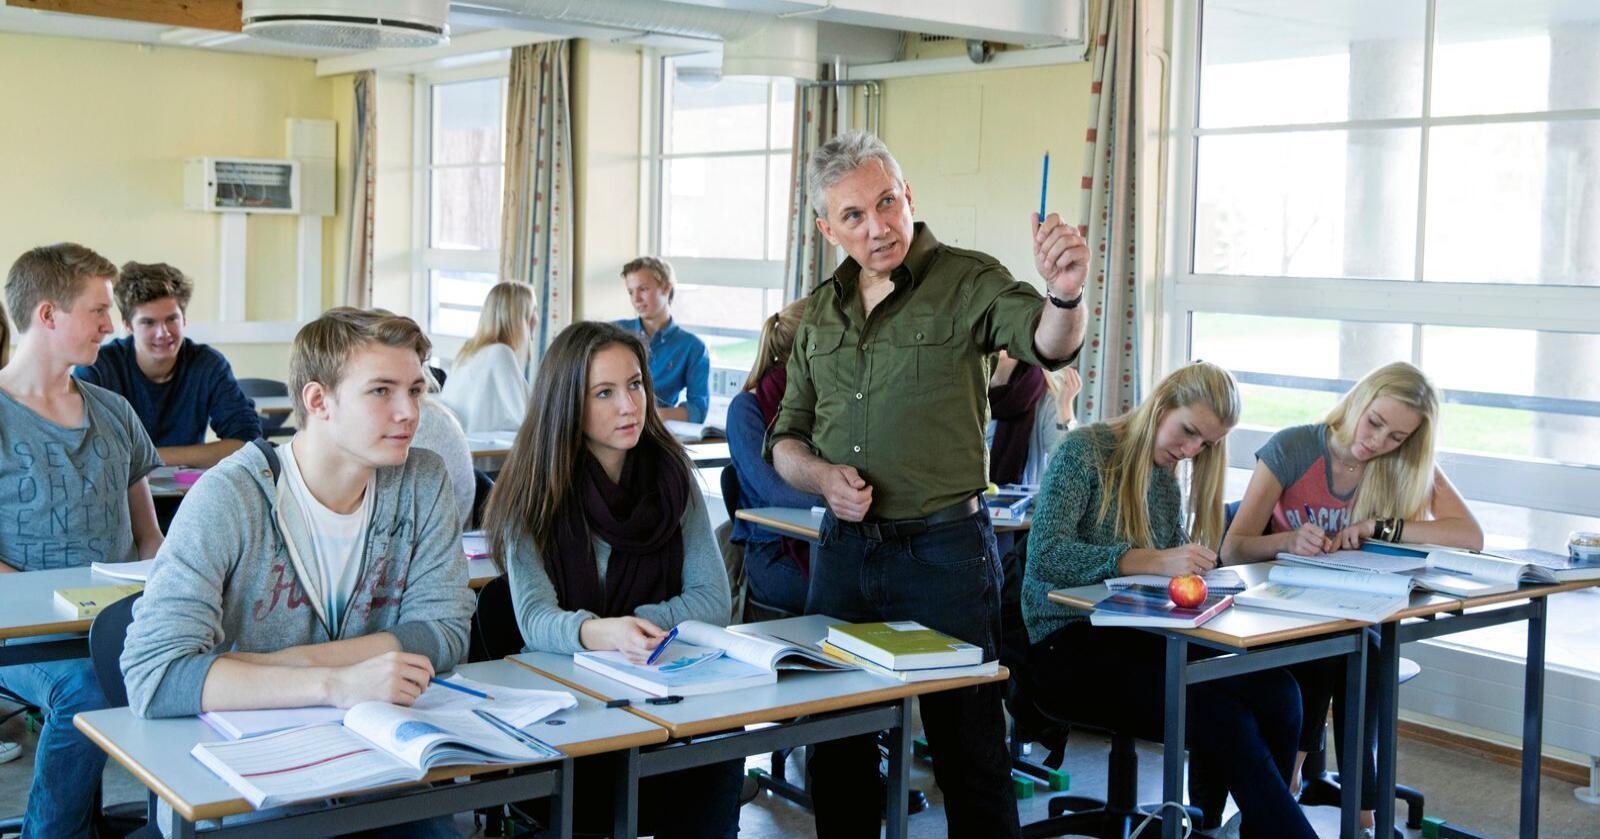 Skolevalg: Elevene bør få velge hvilken skole de skal gå på. Foto: Berit Roald / NTB scanpix